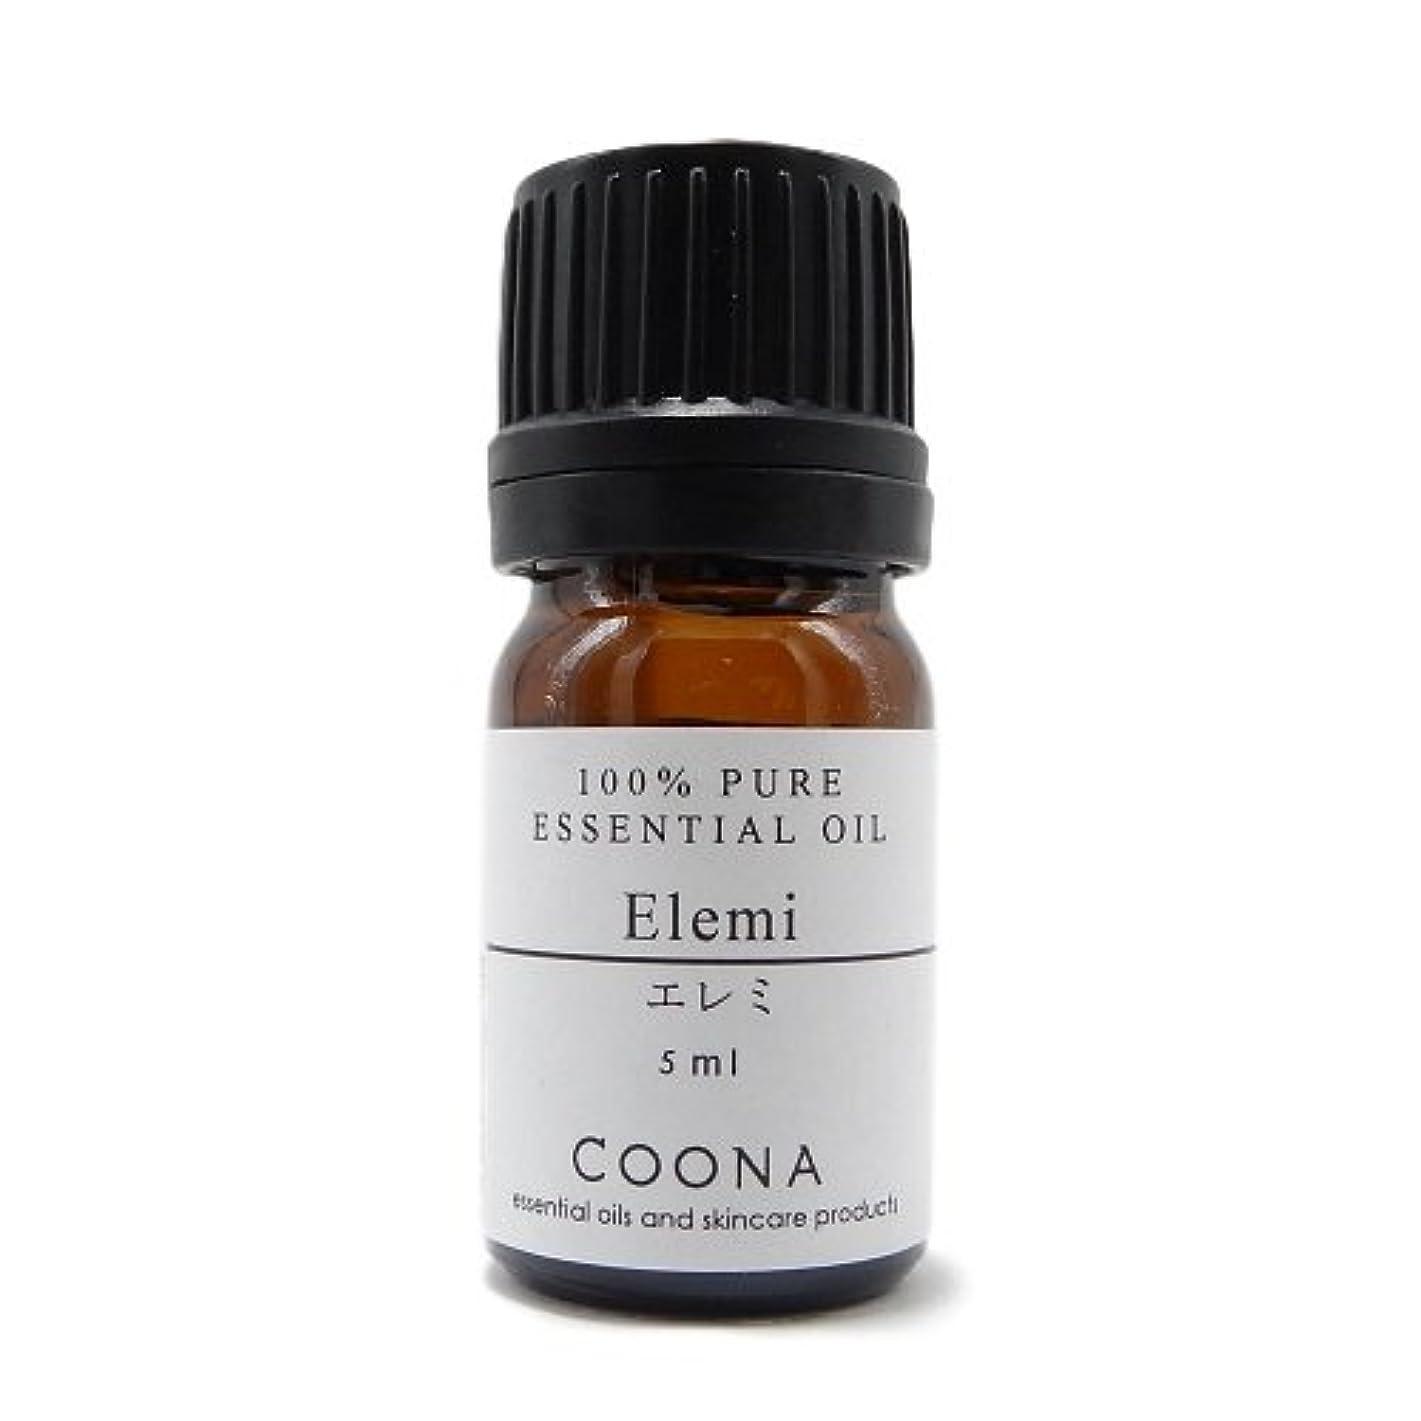 レクリエーションソブリケット強調エレミ 5 ml (COONA エッセンシャルオイル アロマオイル 100%天然植物精油)